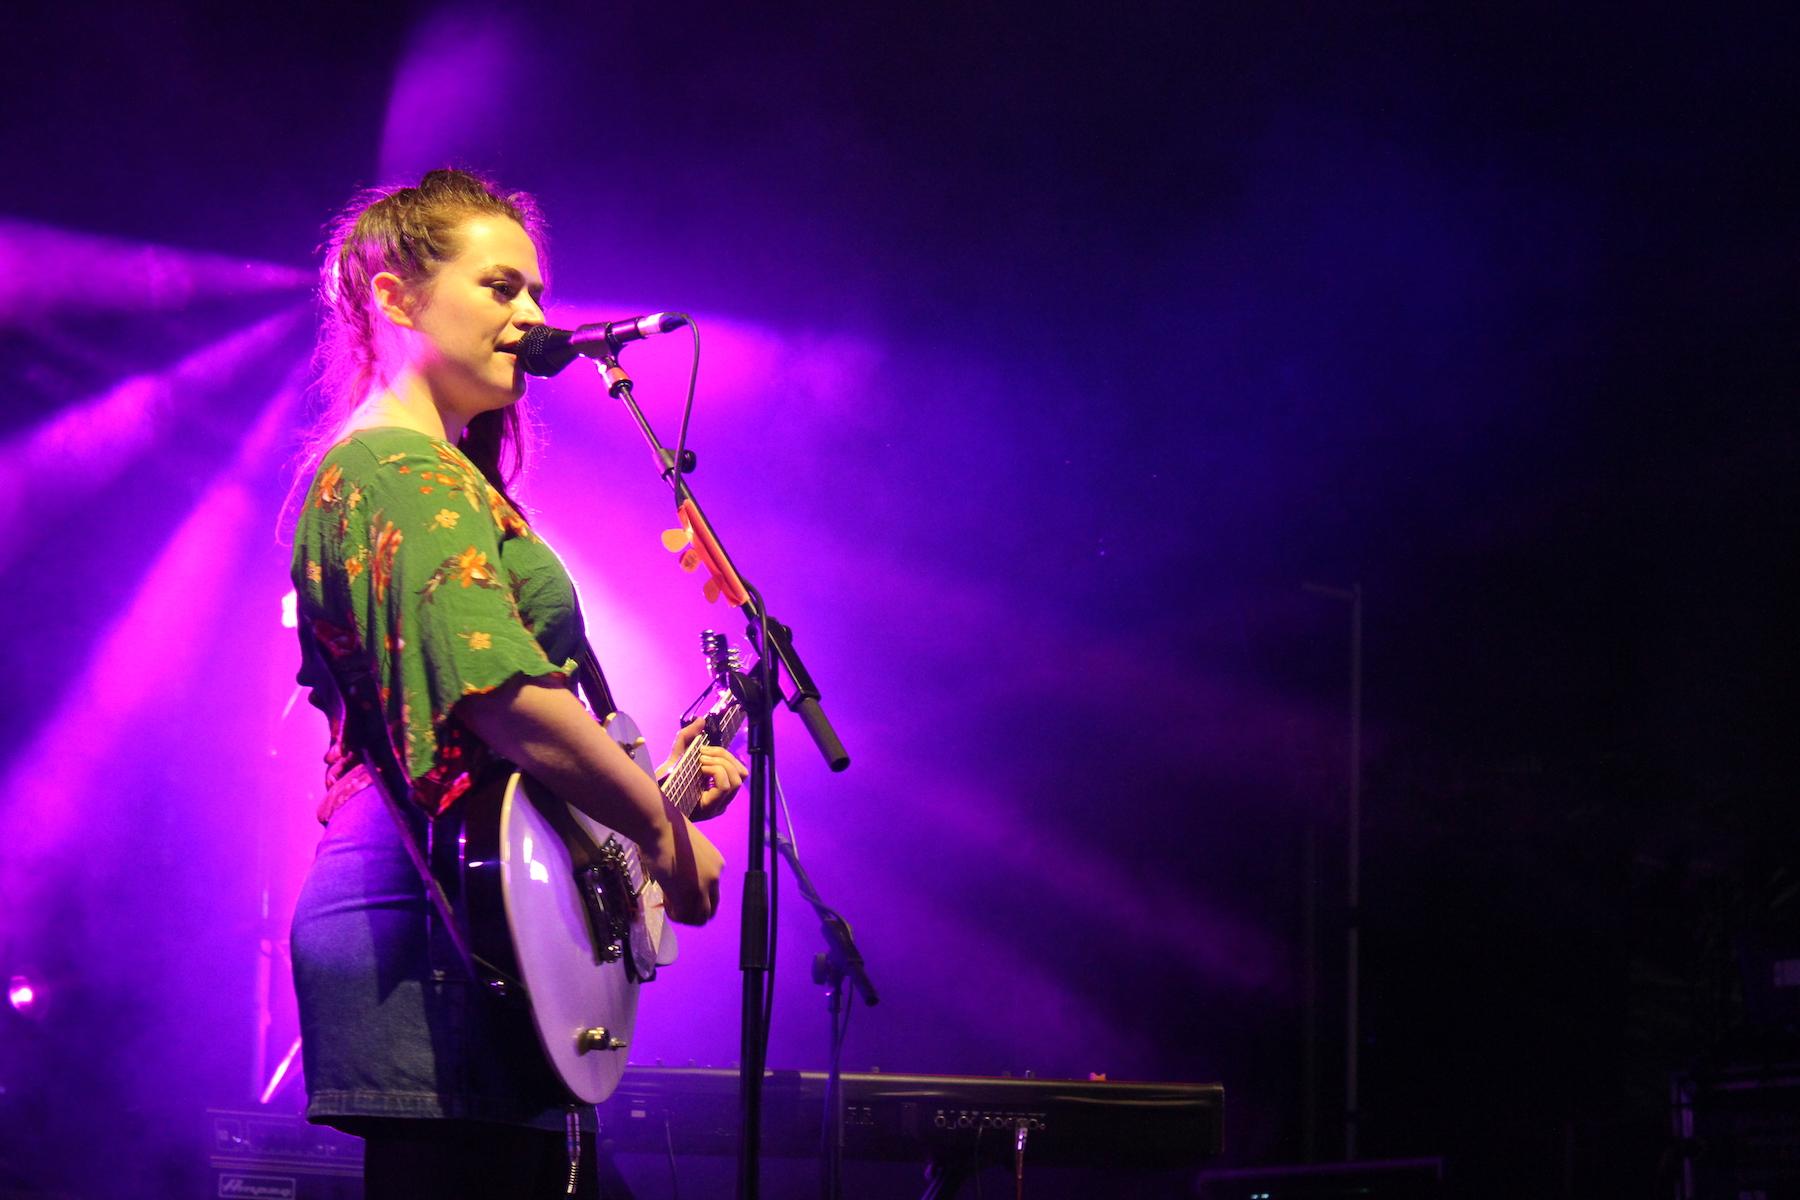 Siobhan Wilson at Belladrum 2018  2866 1 - Siobhan Wilson Belladrum 2018 - IMAGES